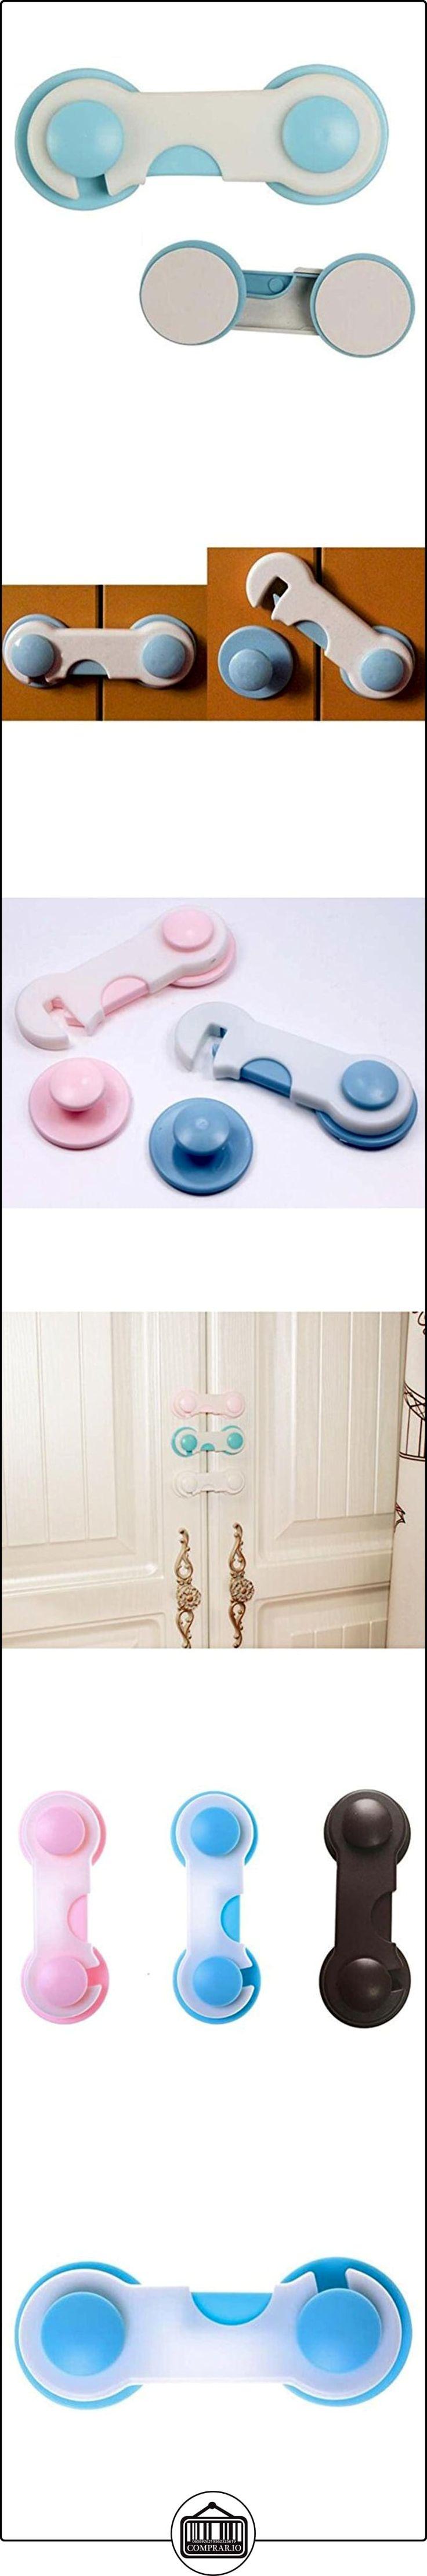 Highdas Gabinete Cajón Frigorífico Refrigerador Armarios Adhesivo Cerraduras Seguras Cierre de clip para bebés Blue 6 Packs  ✿ Seguridad para tu bebé - (Protege a tus hijos) ✿ ▬► Ver oferta: http://comprar.io/goto/B01MU8PUUG